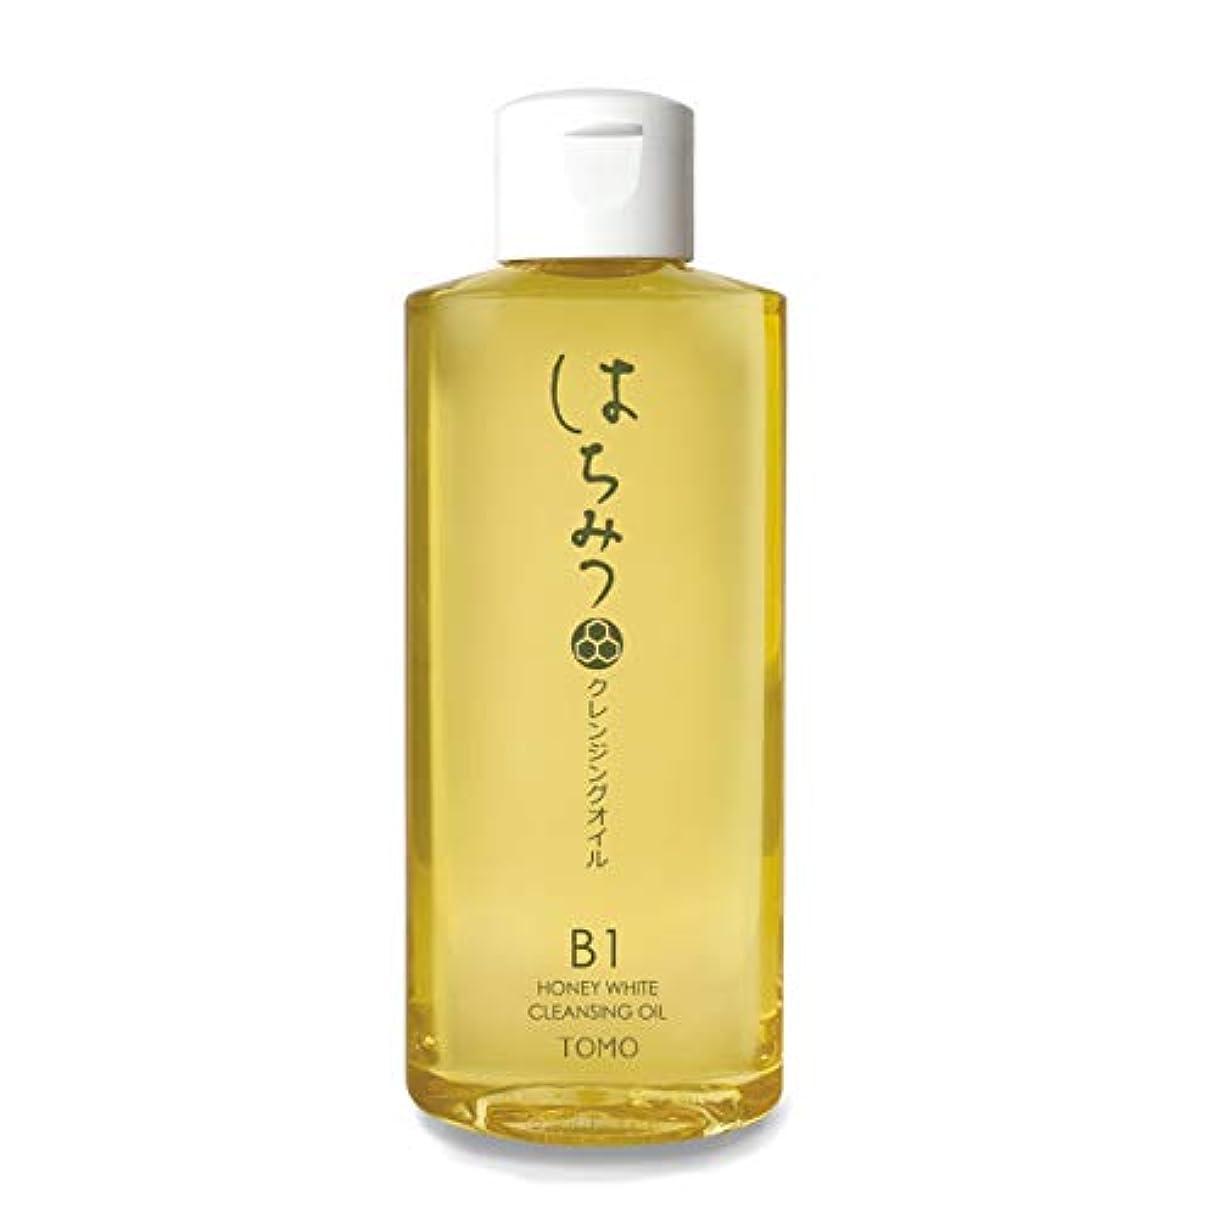 遺伝的自分不愉快に低刺激 ロイヤルゼリーエキス配合 50%以上がオリーブオイル 洗い流すタイプのクレンジング クレンジングオイルB1 150ml